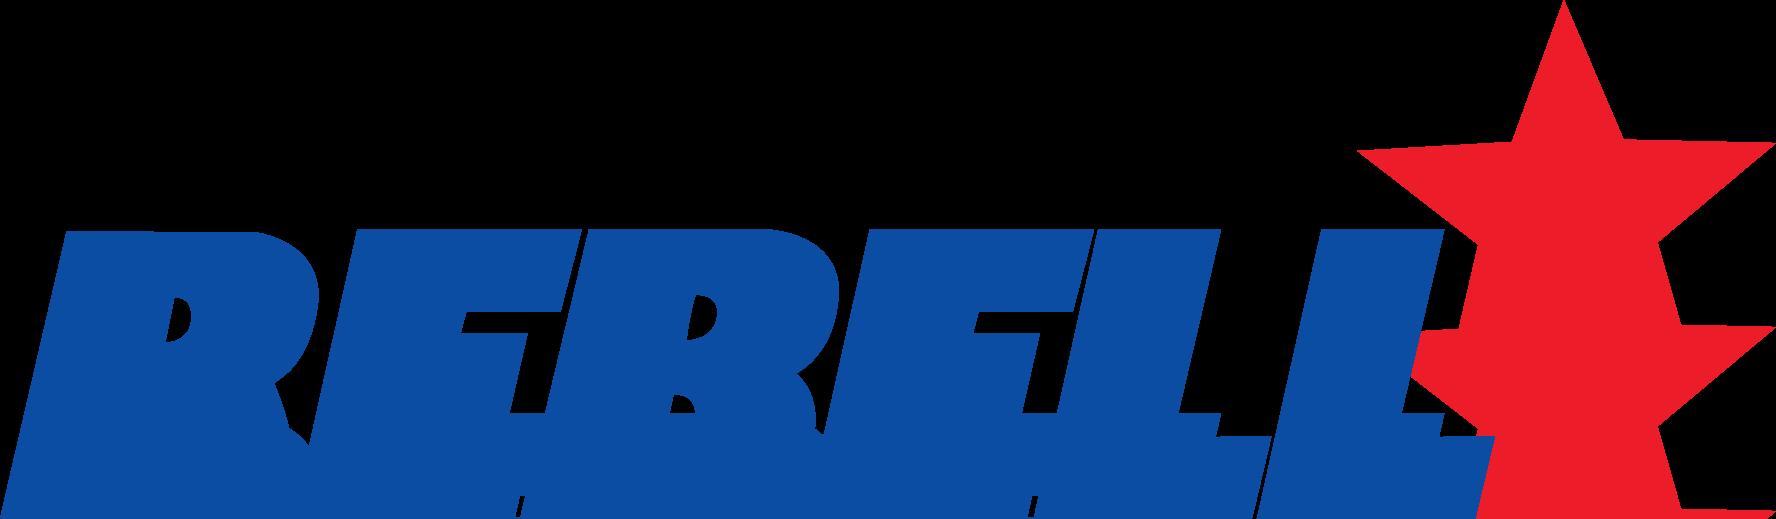 rebell_logo